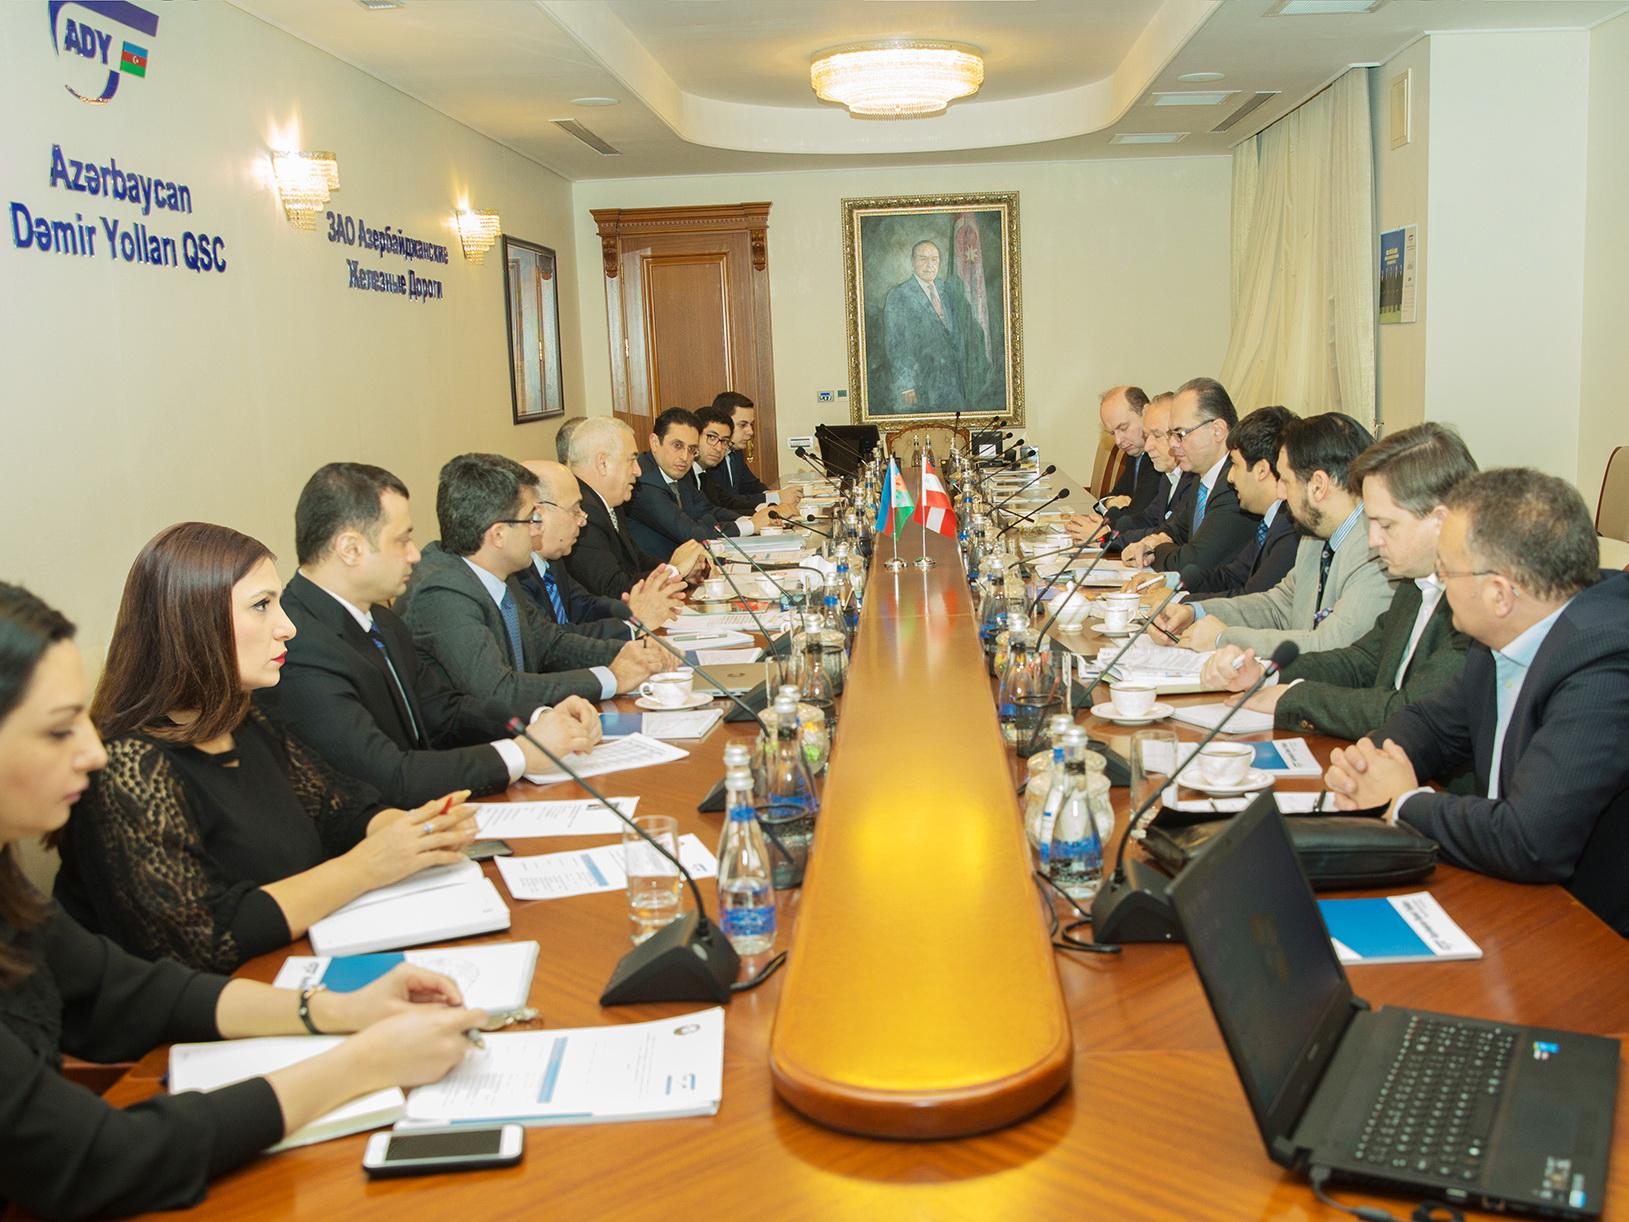 Австрия интересуется инфраструктурными проектами в Азербайджане